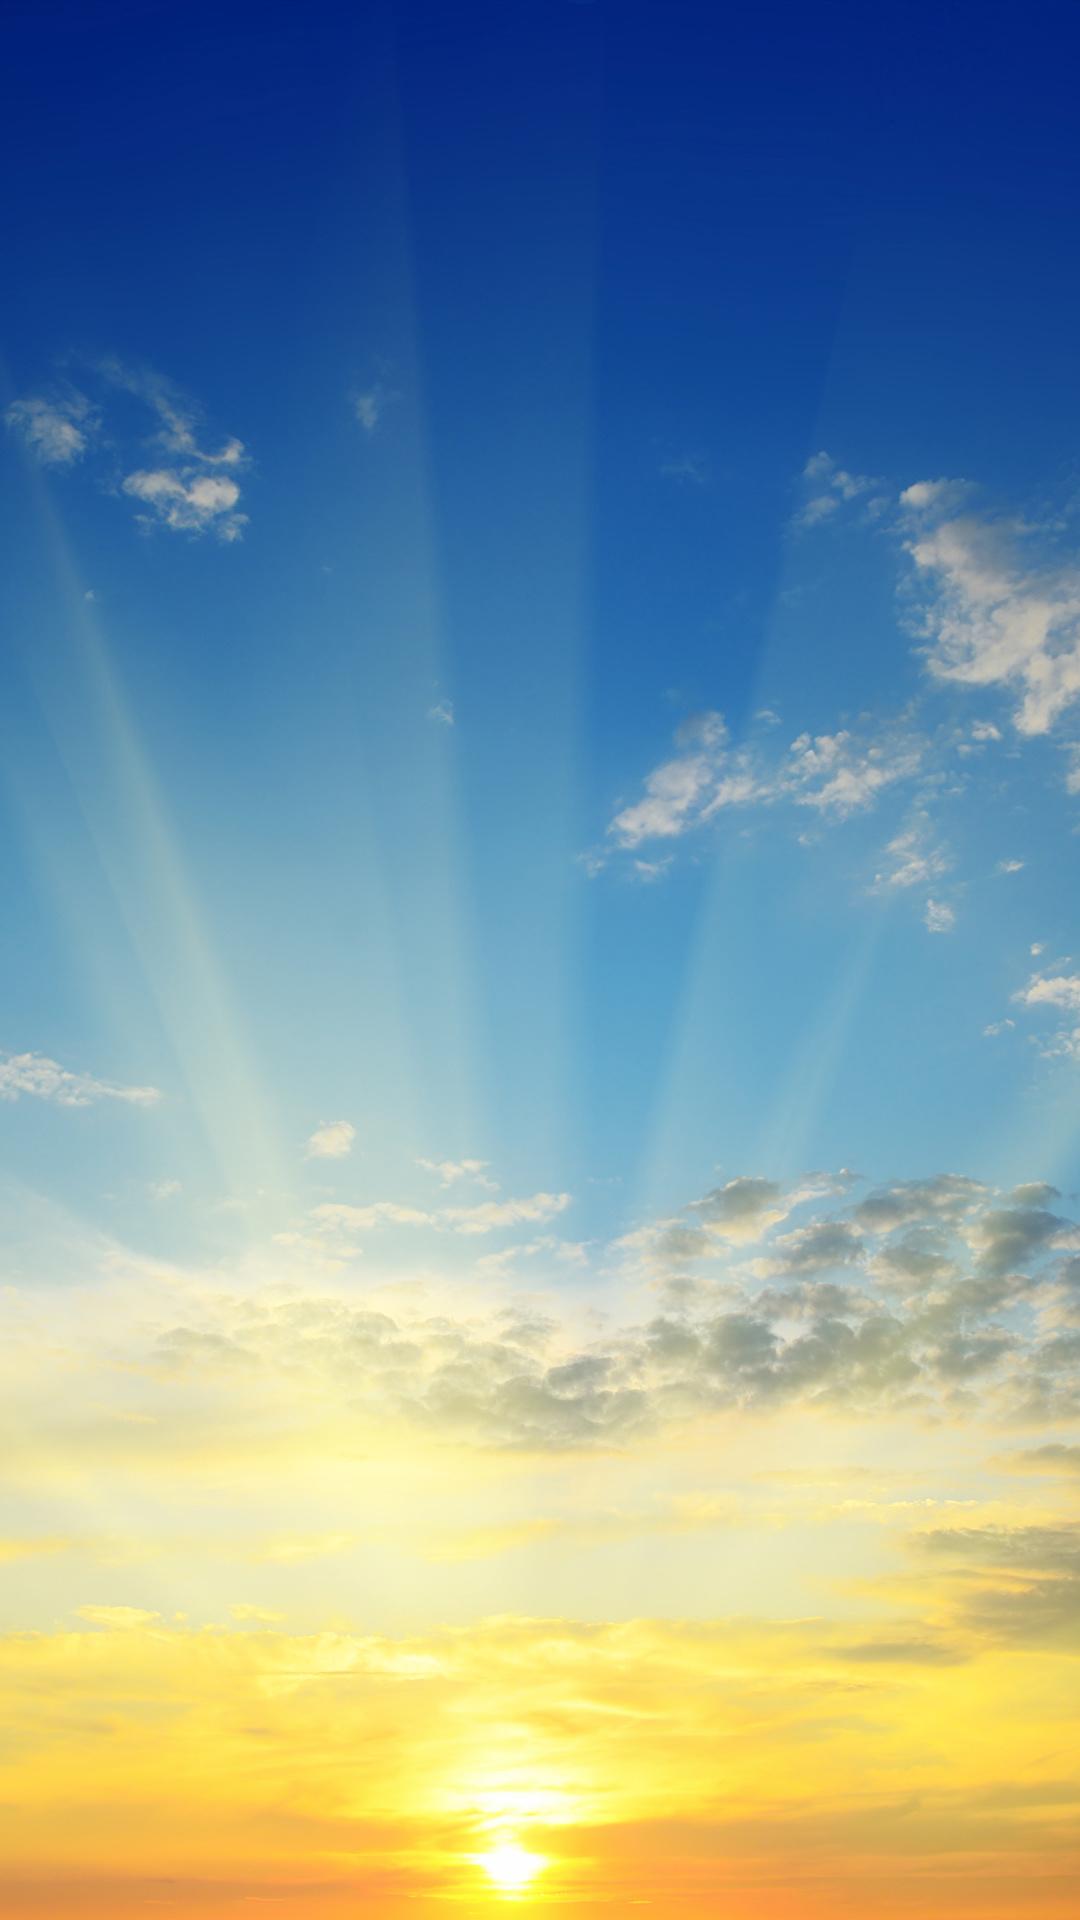 Bilder von Lichtstrahl Natur Sonne Himmel Sonnenaufgänge und Sonnenuntergänge Wolke 1080x1920